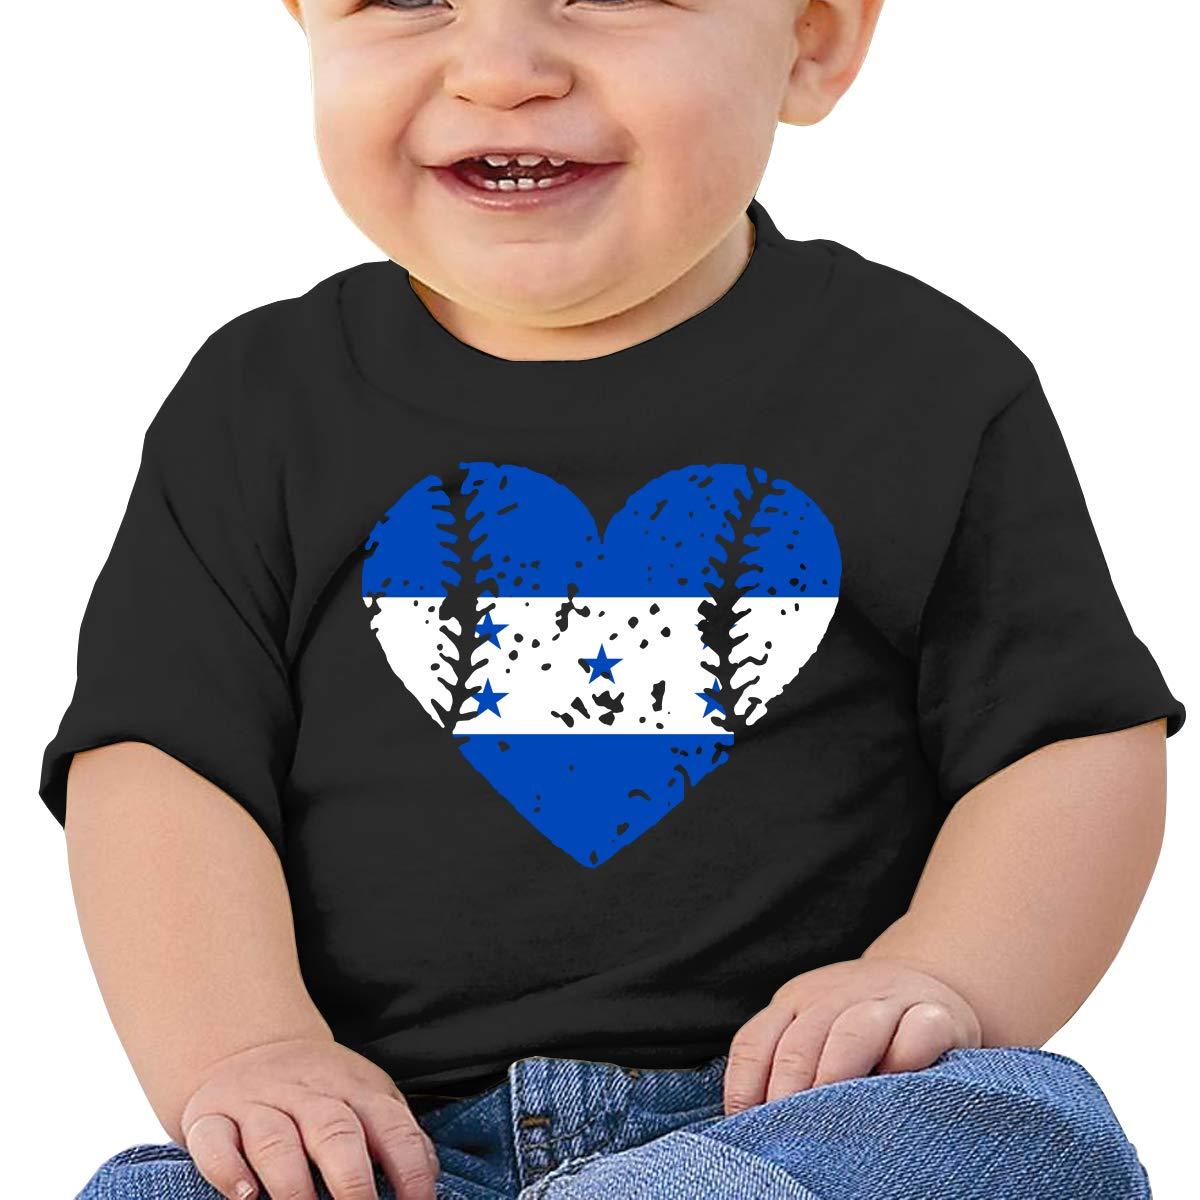 ZUGFGF-S3 Baseball Heart Honduras Flag Newborn Baby Newborn Short Sleeve T-Shirt 6-24 Month Cotton Tops